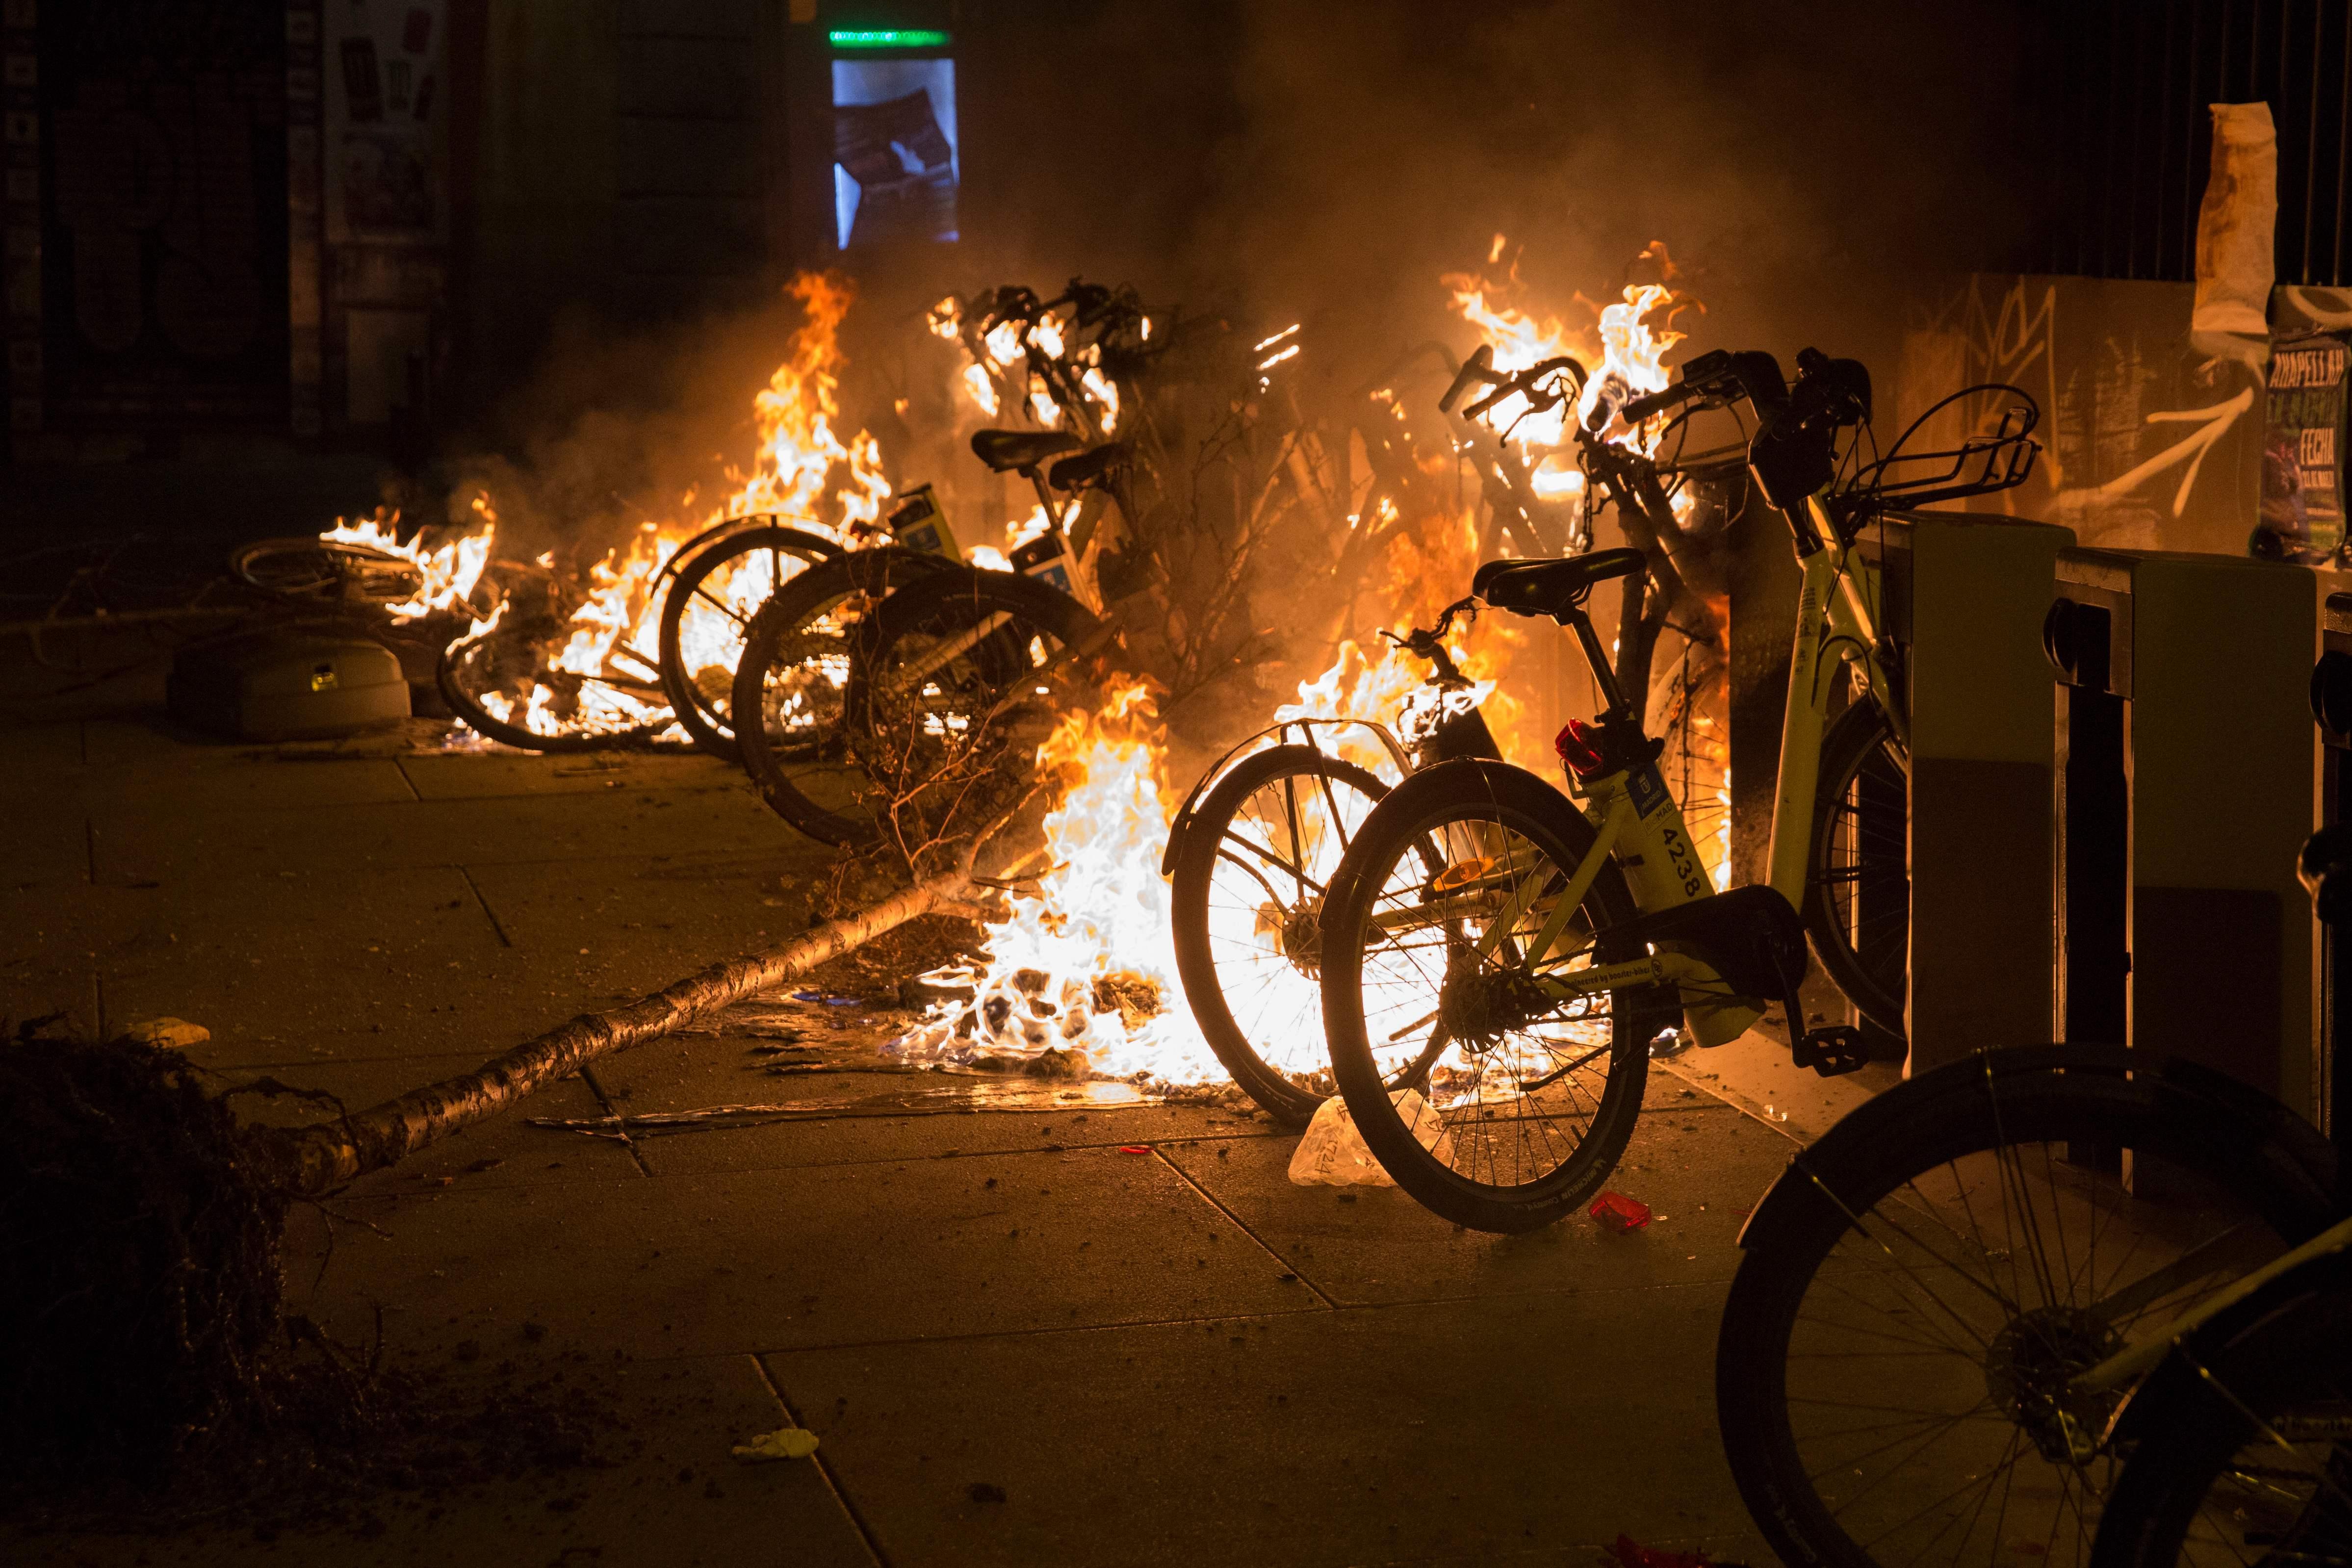 اشعال النار فى الدراجات